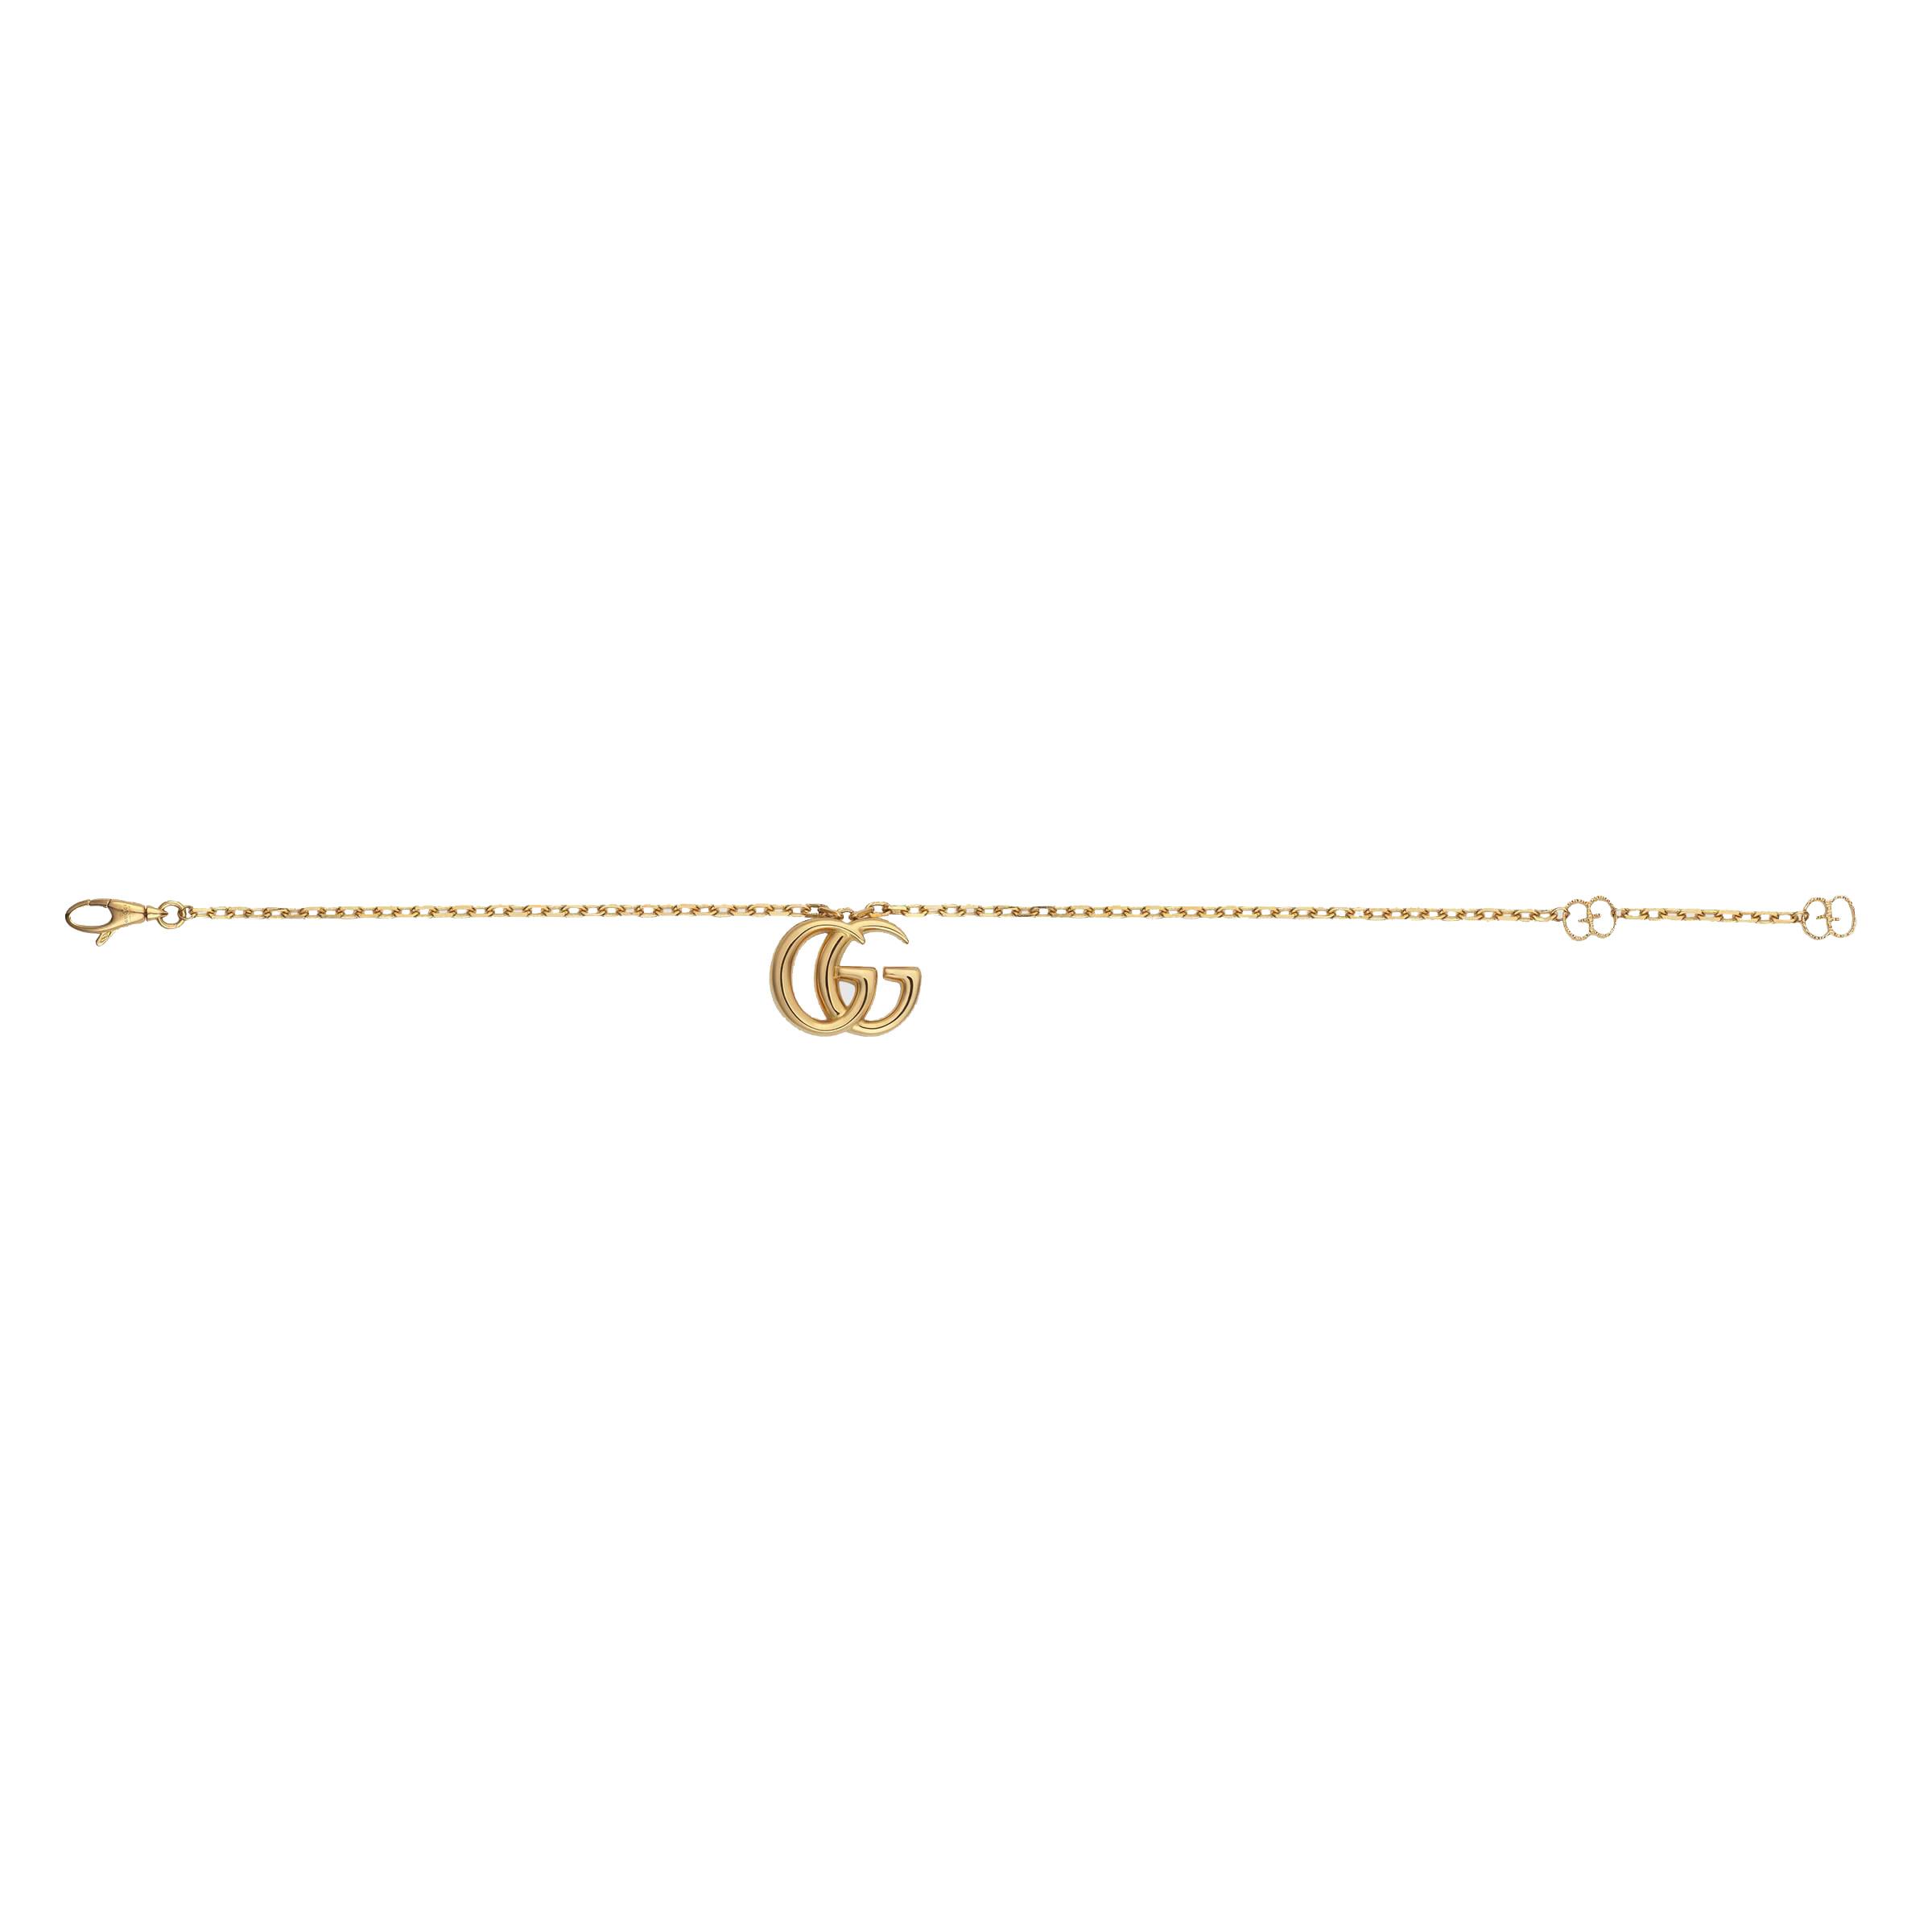 Золотой браслет Gucci Running G с подвеской на тонкой цепочке